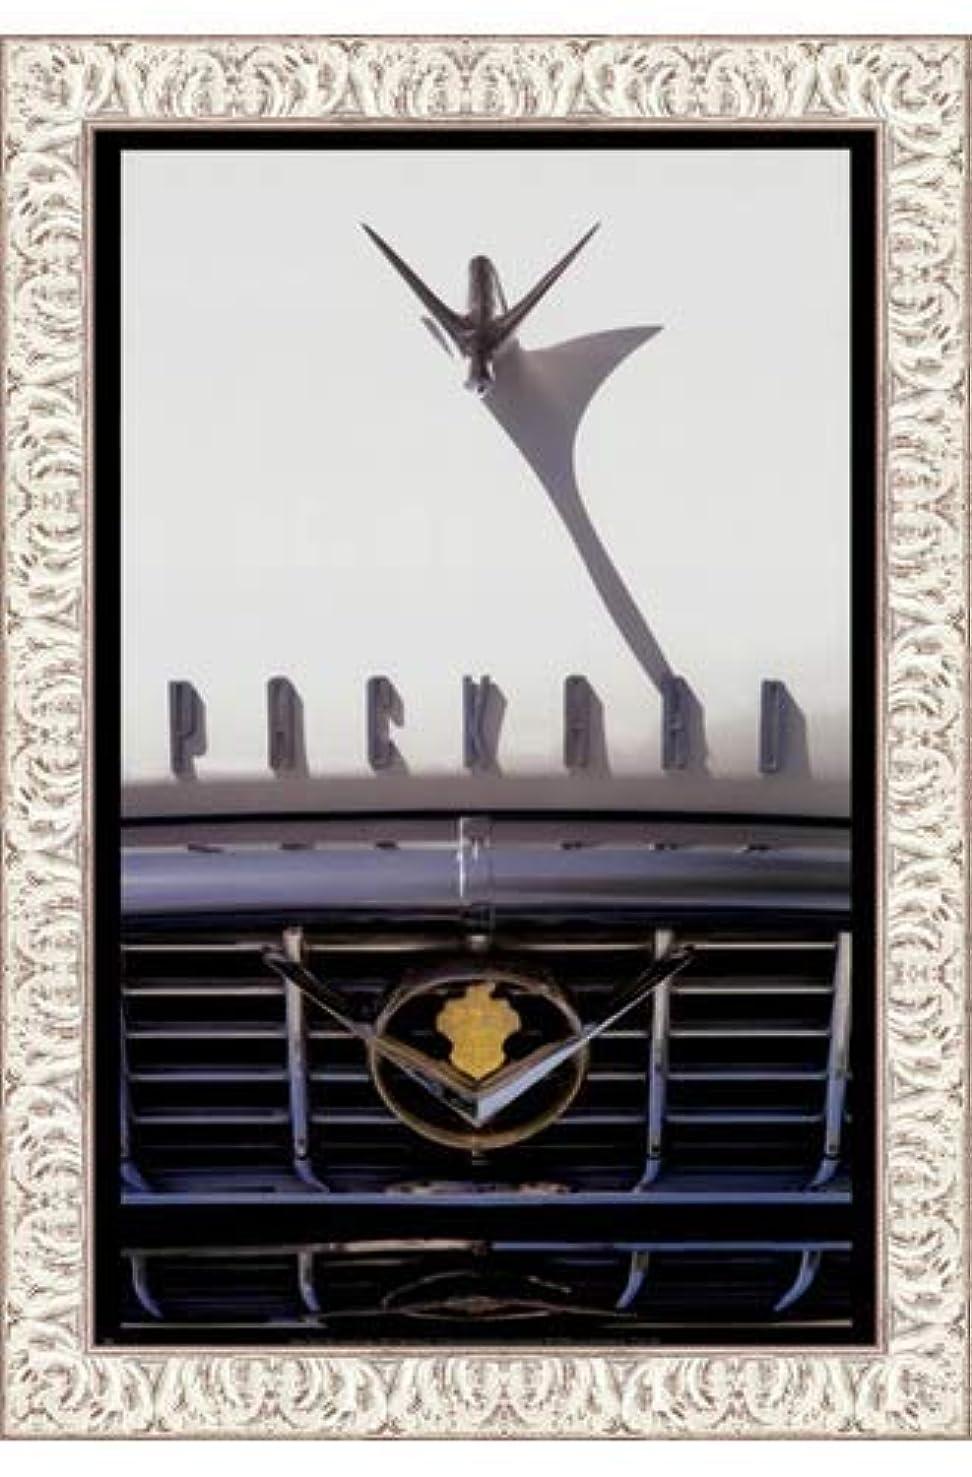 必要としているセール有料Classics Packard 1955 by Kenneth Gregg – 12 x 18.25インチ – アートプリントポスター LE_646816-F9711-12x18.25